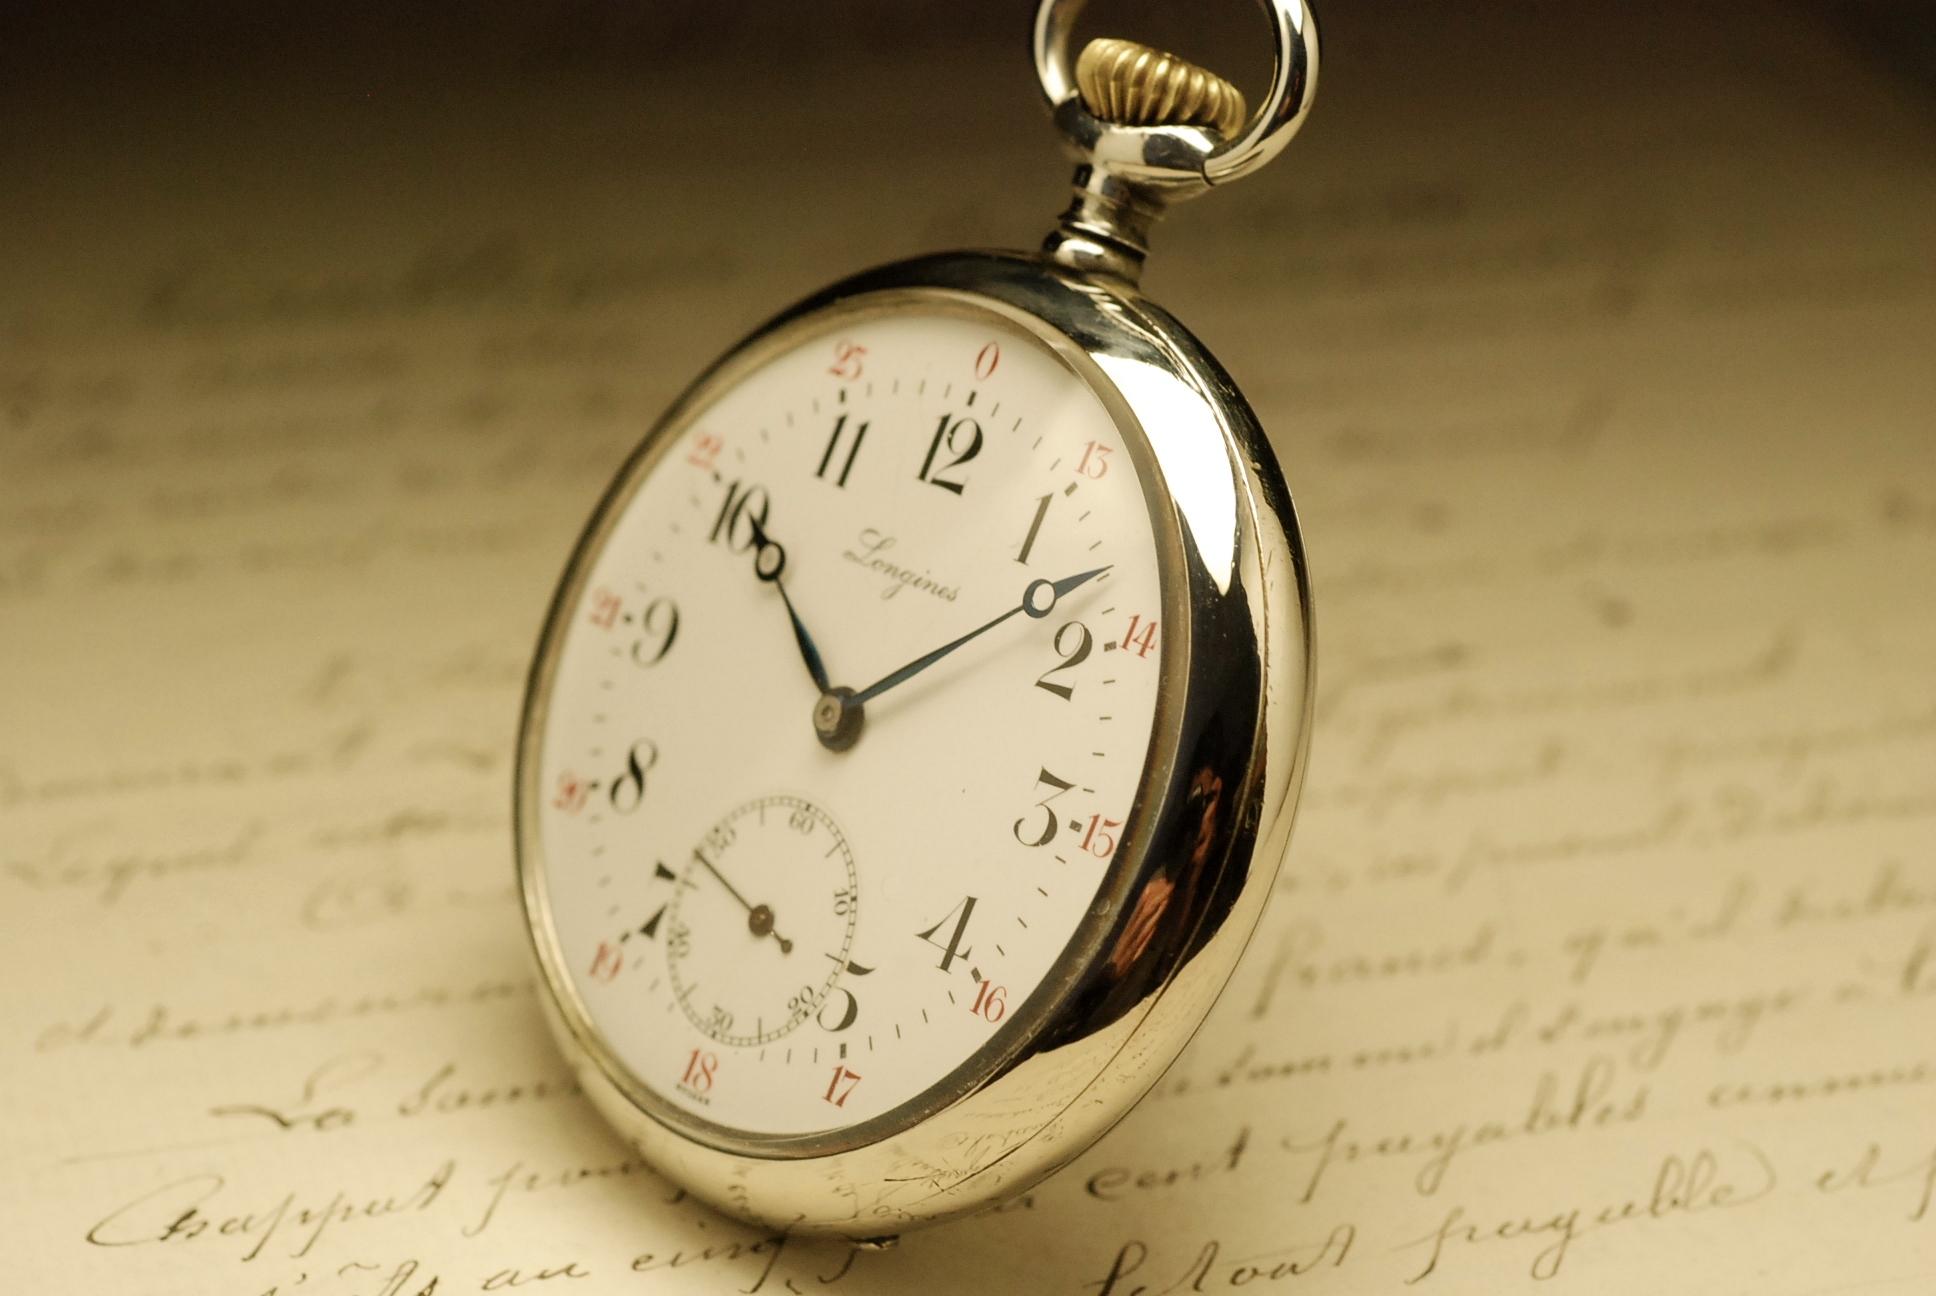 longines vintage pocket watch montre ancienne gousset 1910. Black Bedroom Furniture Sets. Home Design Ideas